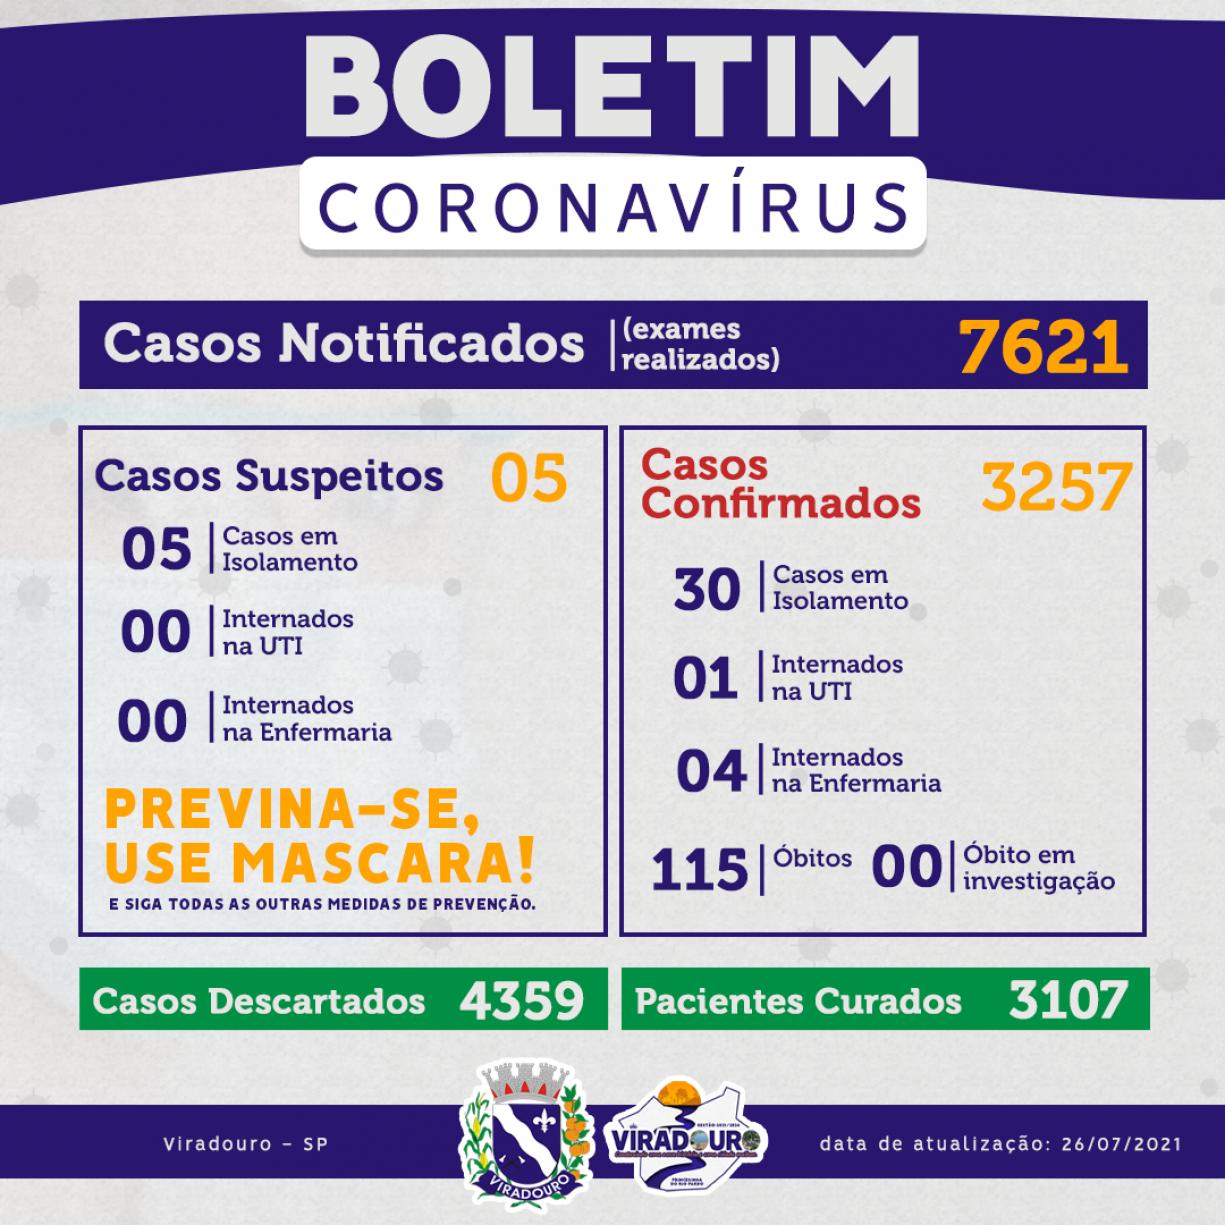 CORONAVÍRUS: BOLETIM EPIDEMIOLÓGICO (ATUALIZAÇÃO 26/07/2021)